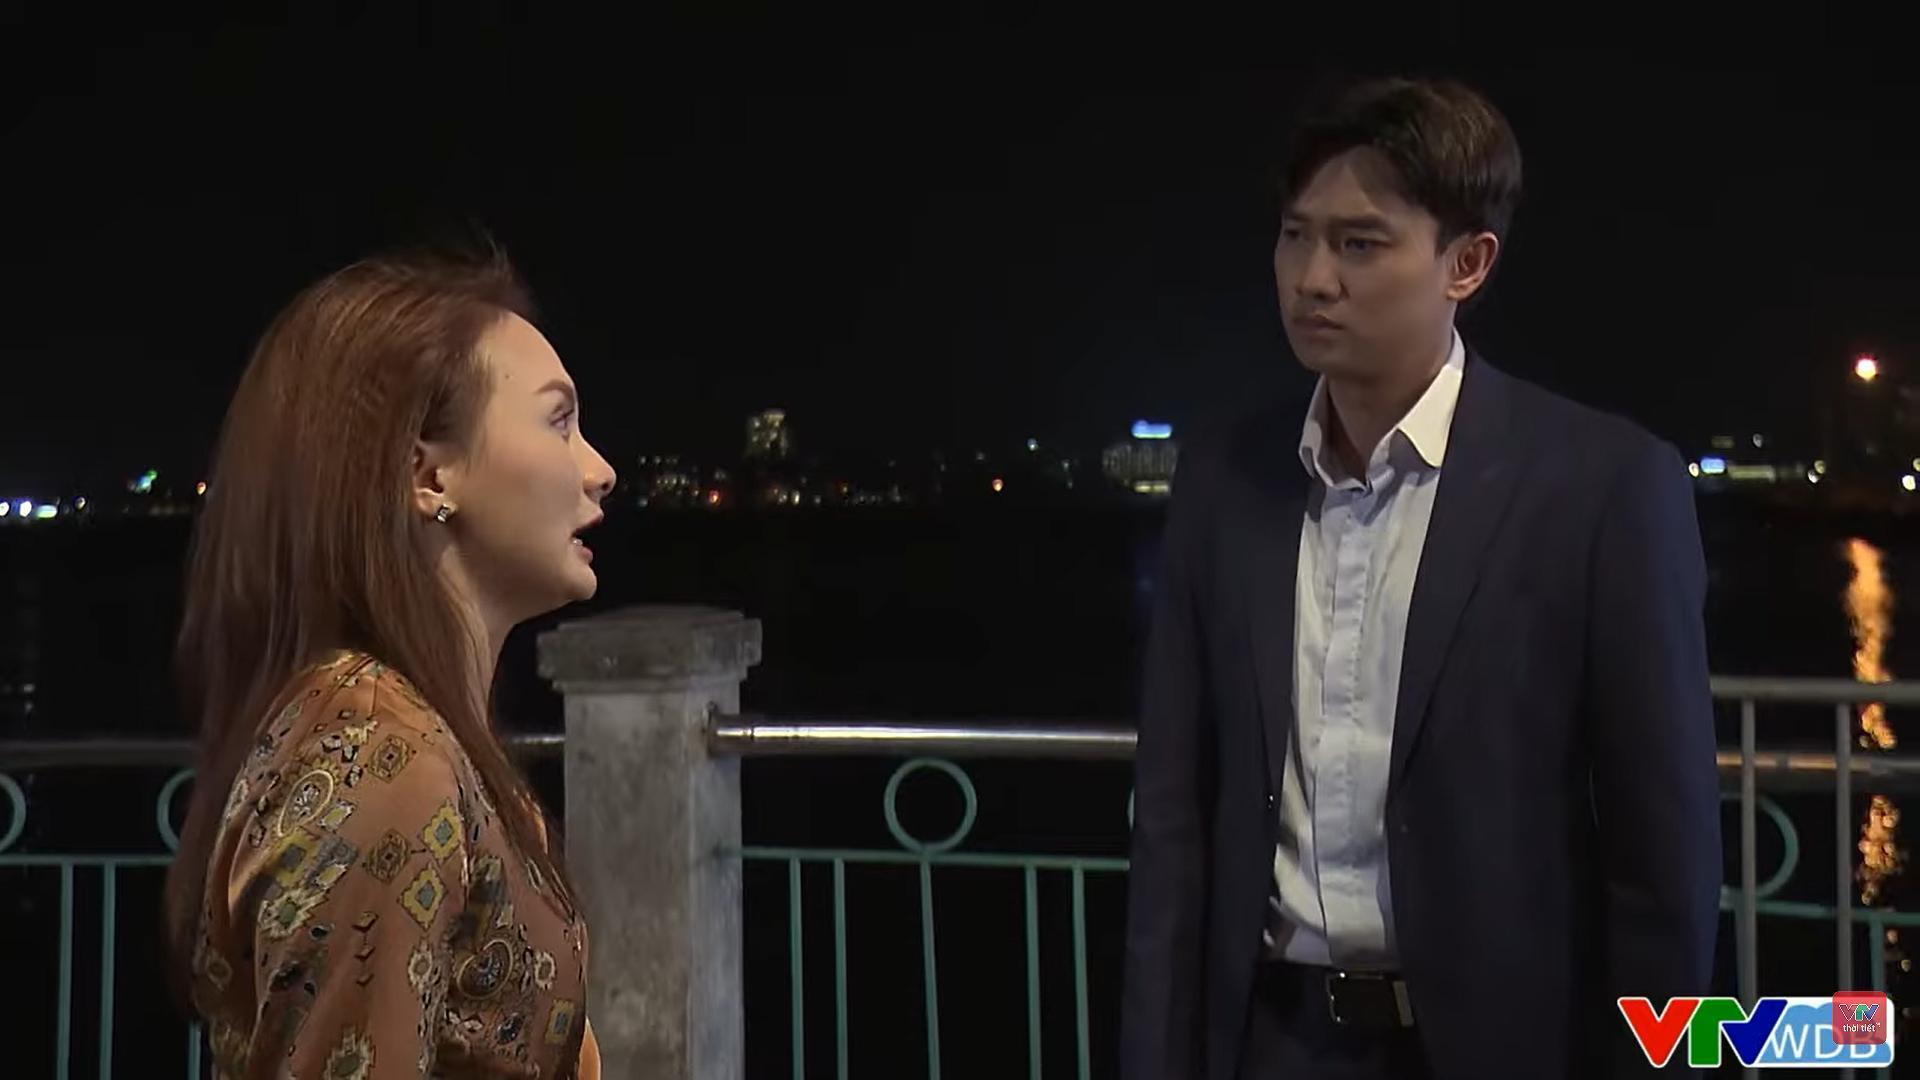 Về nhà đi con tập 70: Ứa nước mắt cảnh ông Sơn bảo Anh Thư trở về nhà Ảnh 1